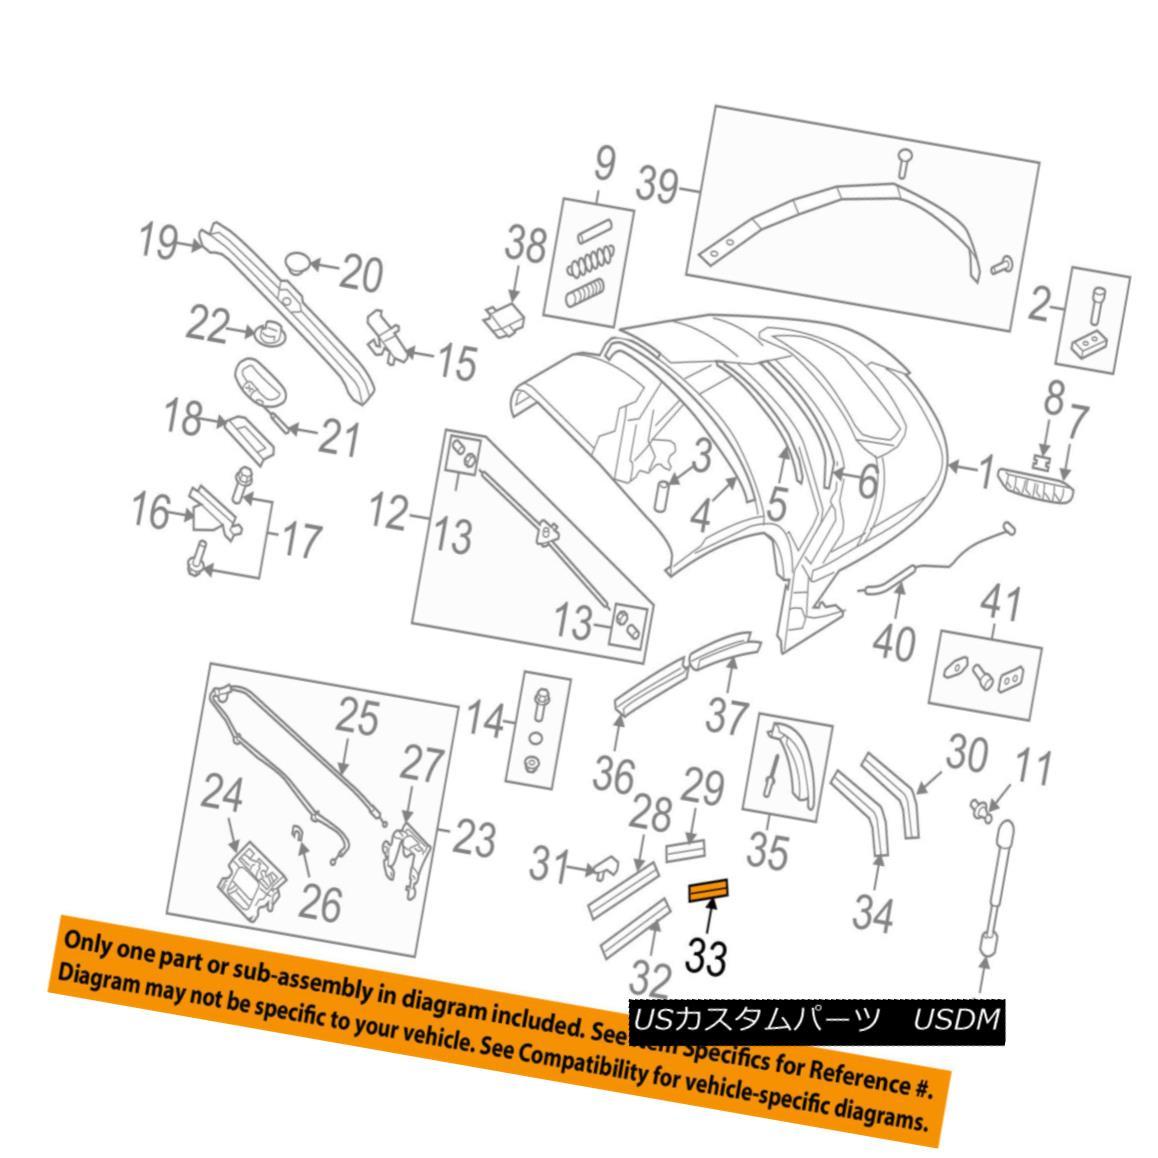 幌・ソフトトップ AUDI OEM 08-15 TT Quattro Convertible/soft Top-Channel Gasket Right 8J7871416 AUDI OEM 08-15 TT Quattro Convertible / so ftトップチャンネルガスケット右8J7871416